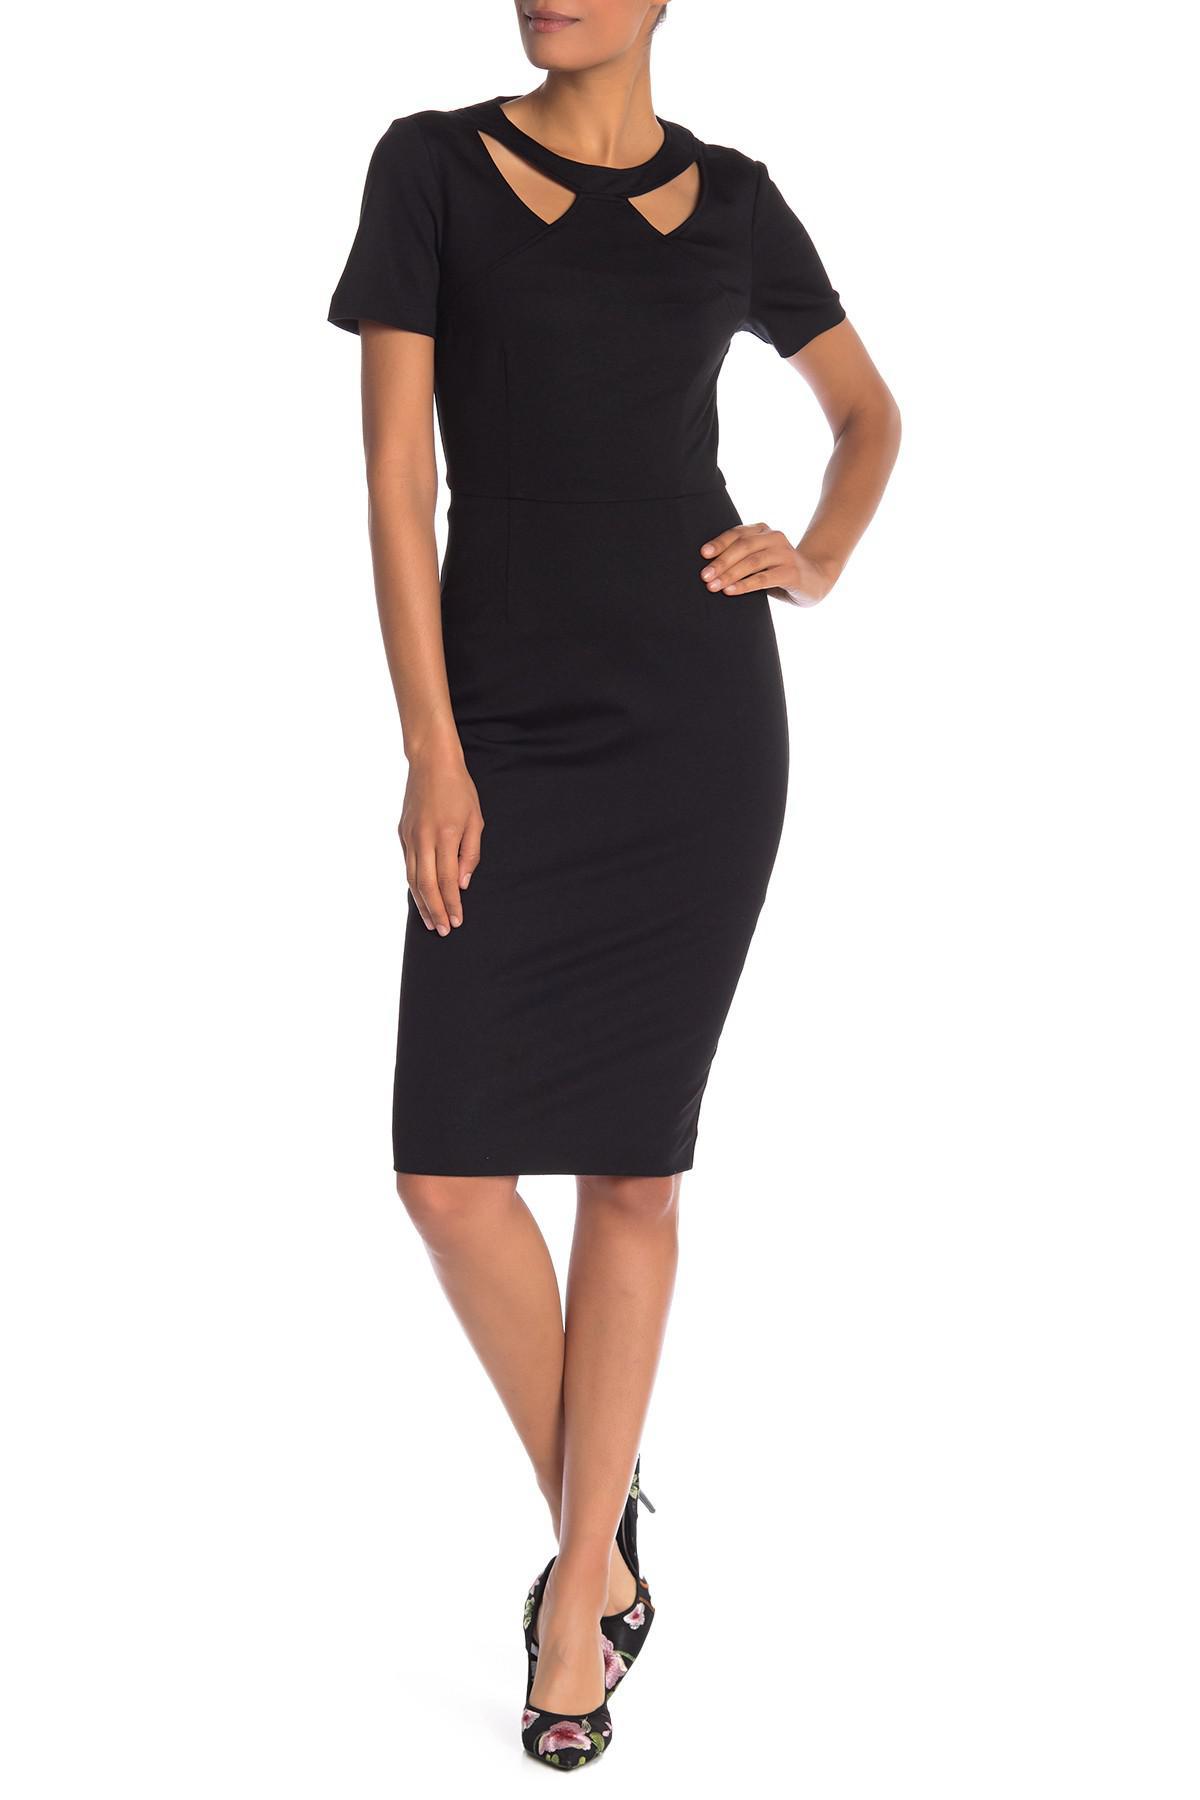 dcdb7c01b30 Lyst - Trina Turk Caladium Cutout Sheath Midi Dress in Black